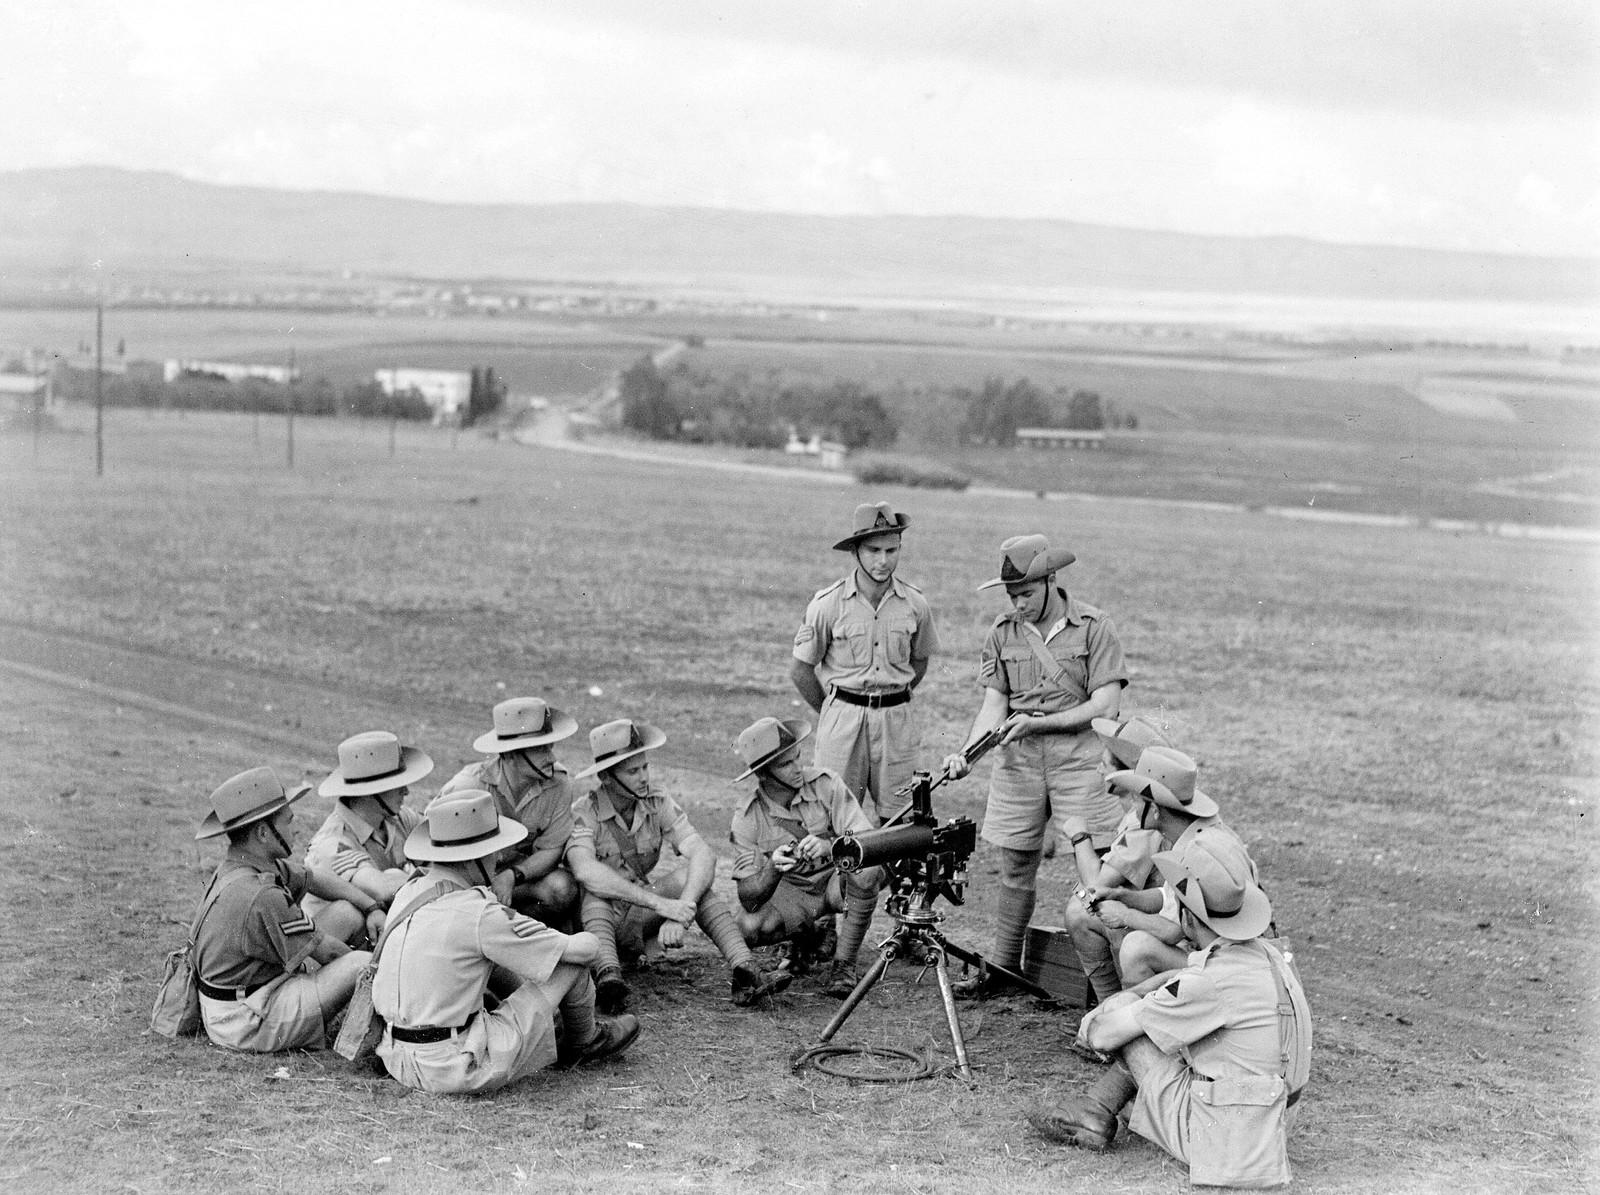 06. 1942. Еврейская поселенческая полиция во время полевых занятий на учебной базе в «Кфар Еладим»